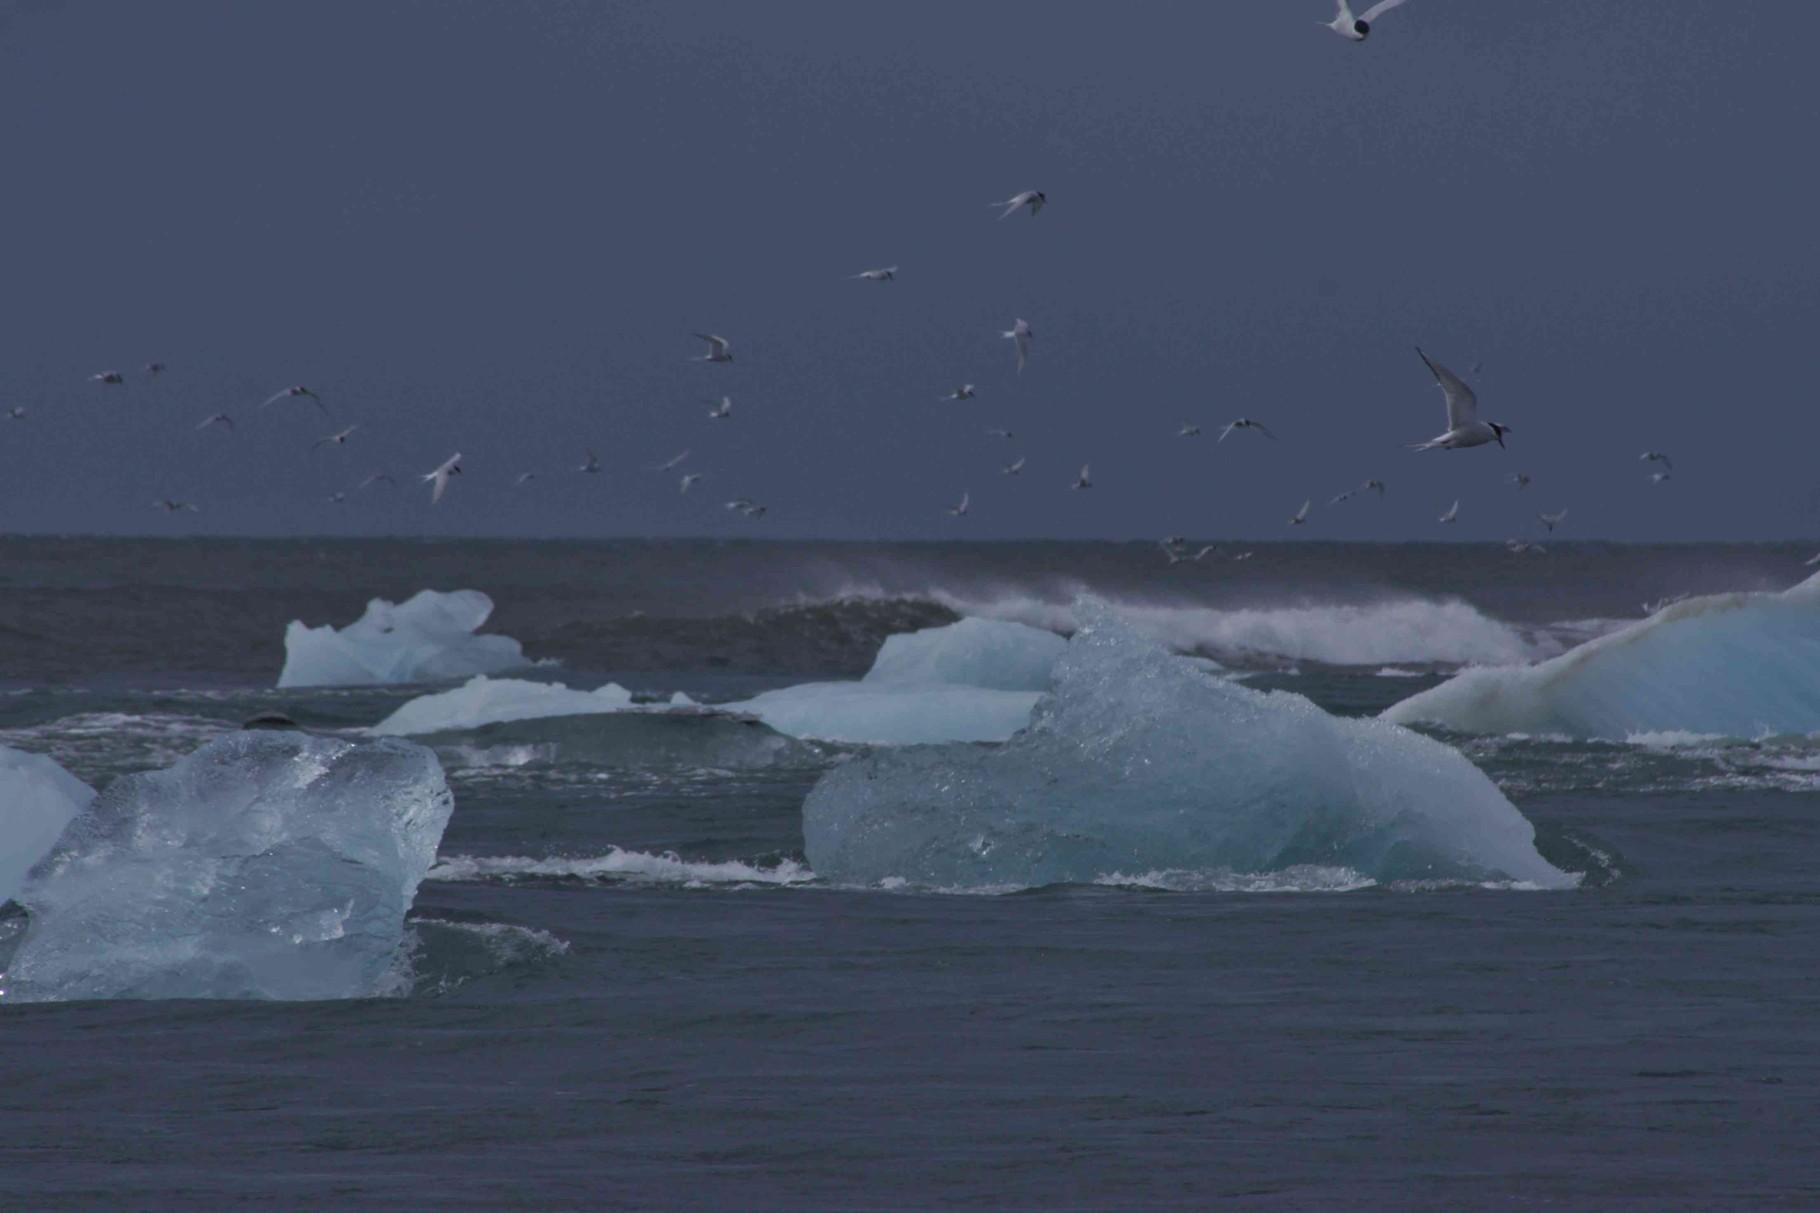 Eisschollen im Meer bei Jökulsarlón